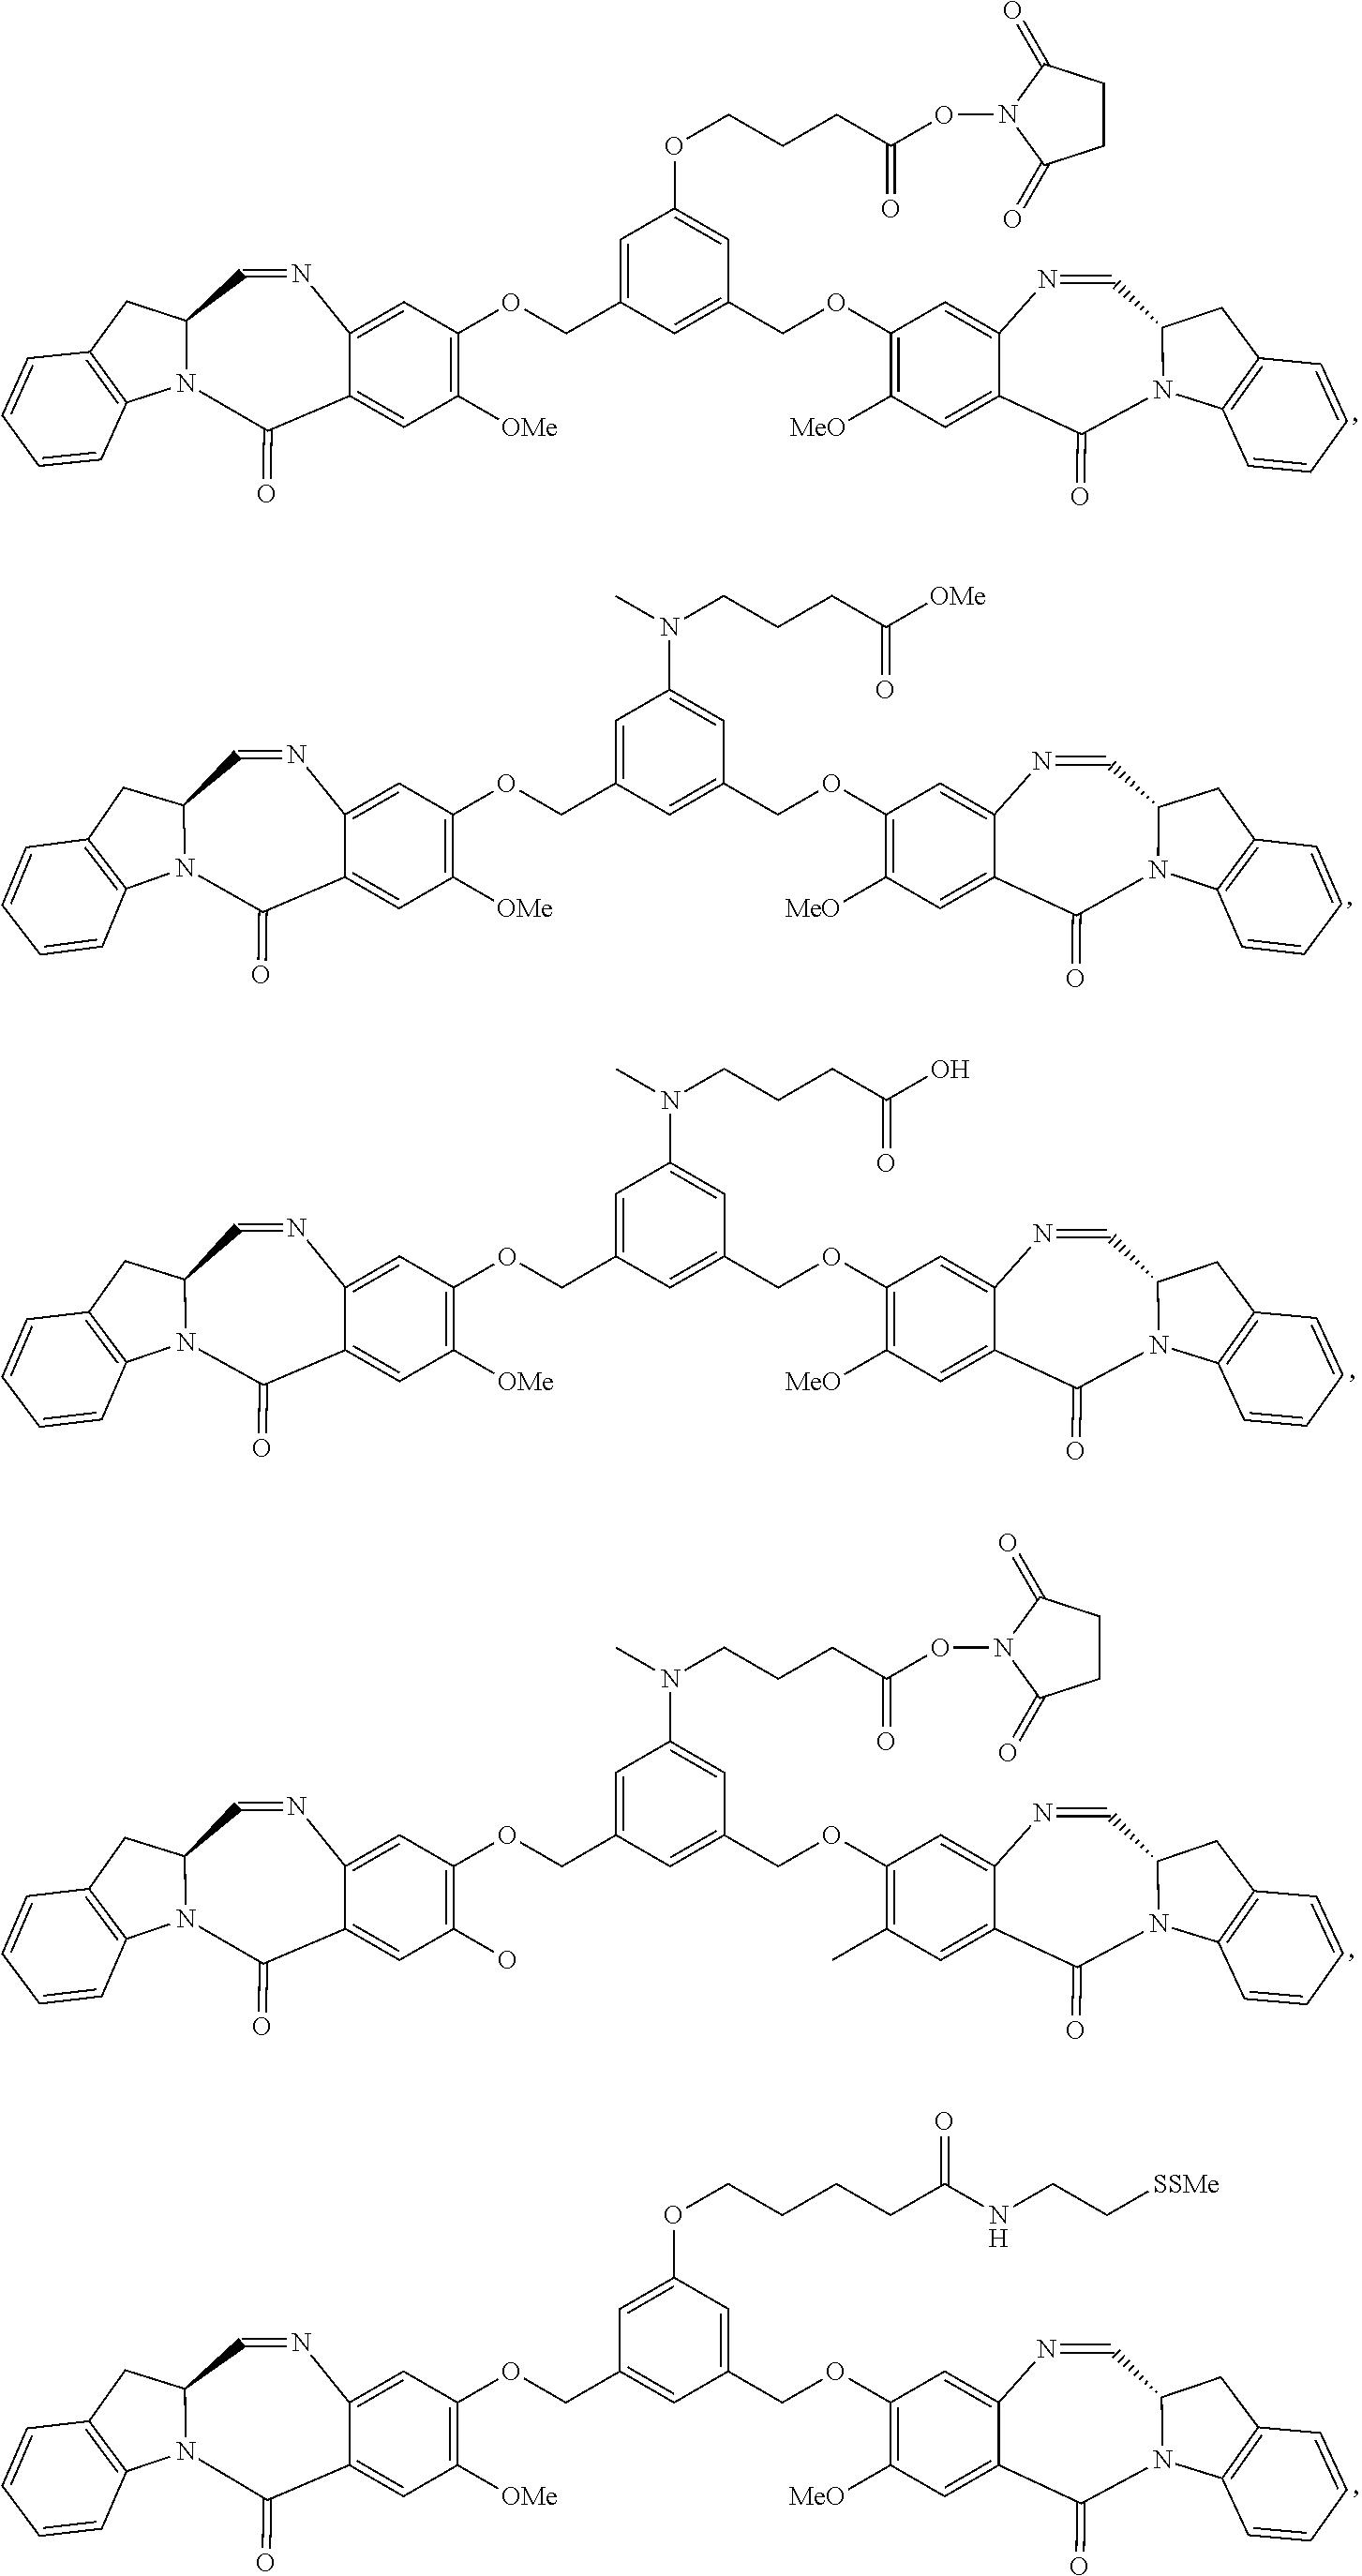 Figure US08426402-20130423-C00268